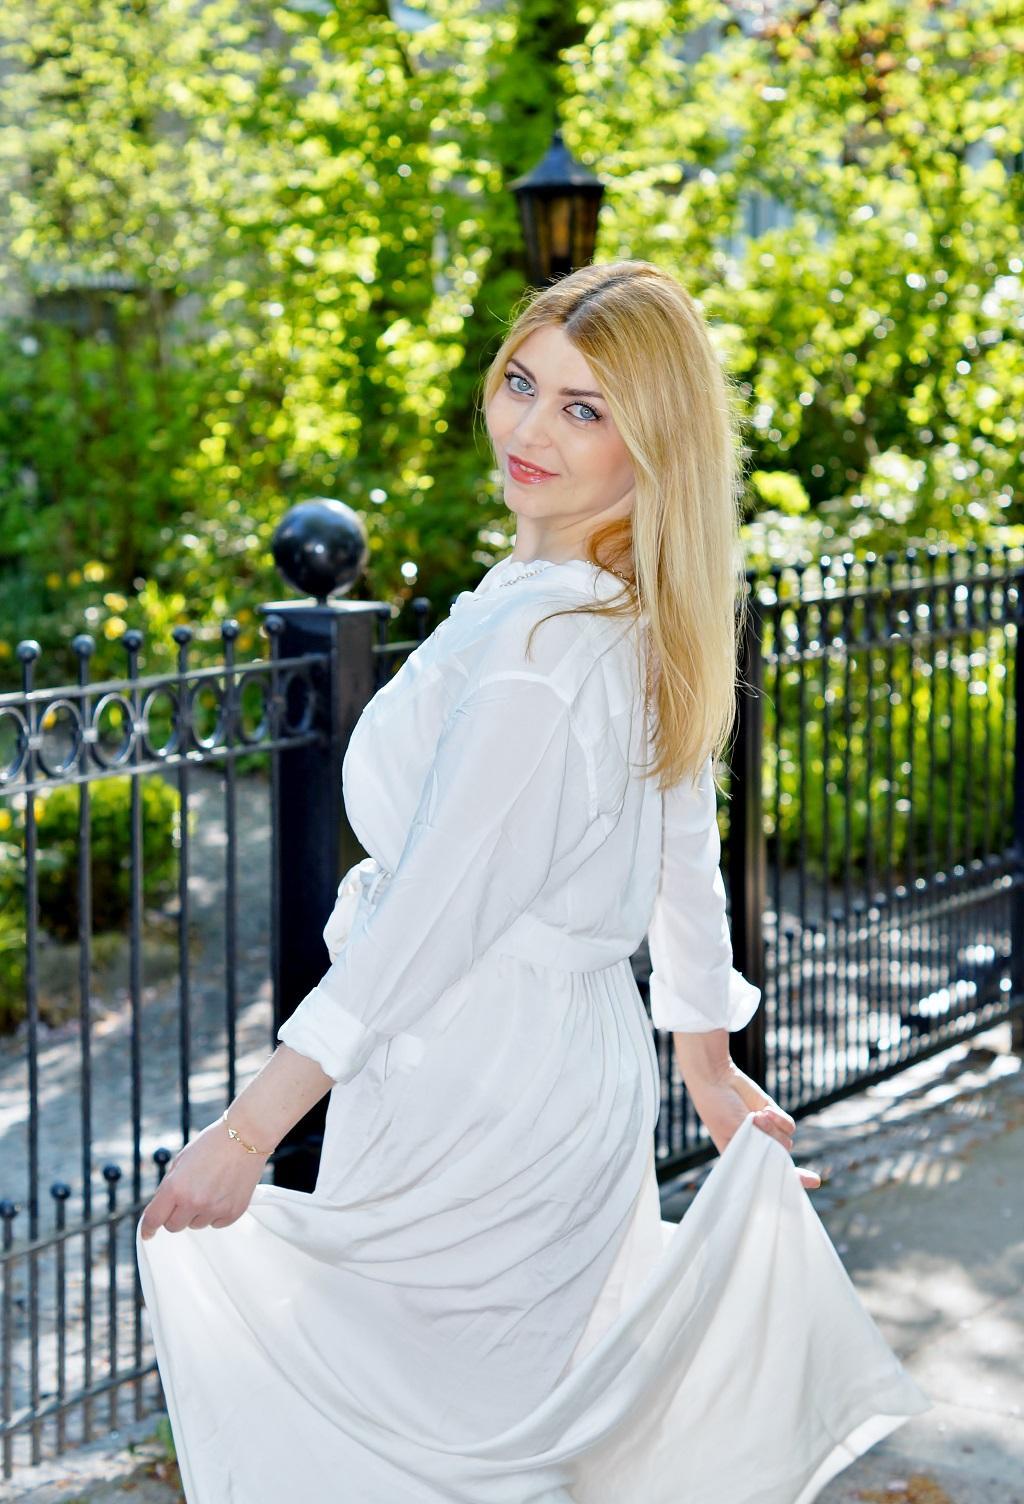 White & Maxi - Yuliya Savytska